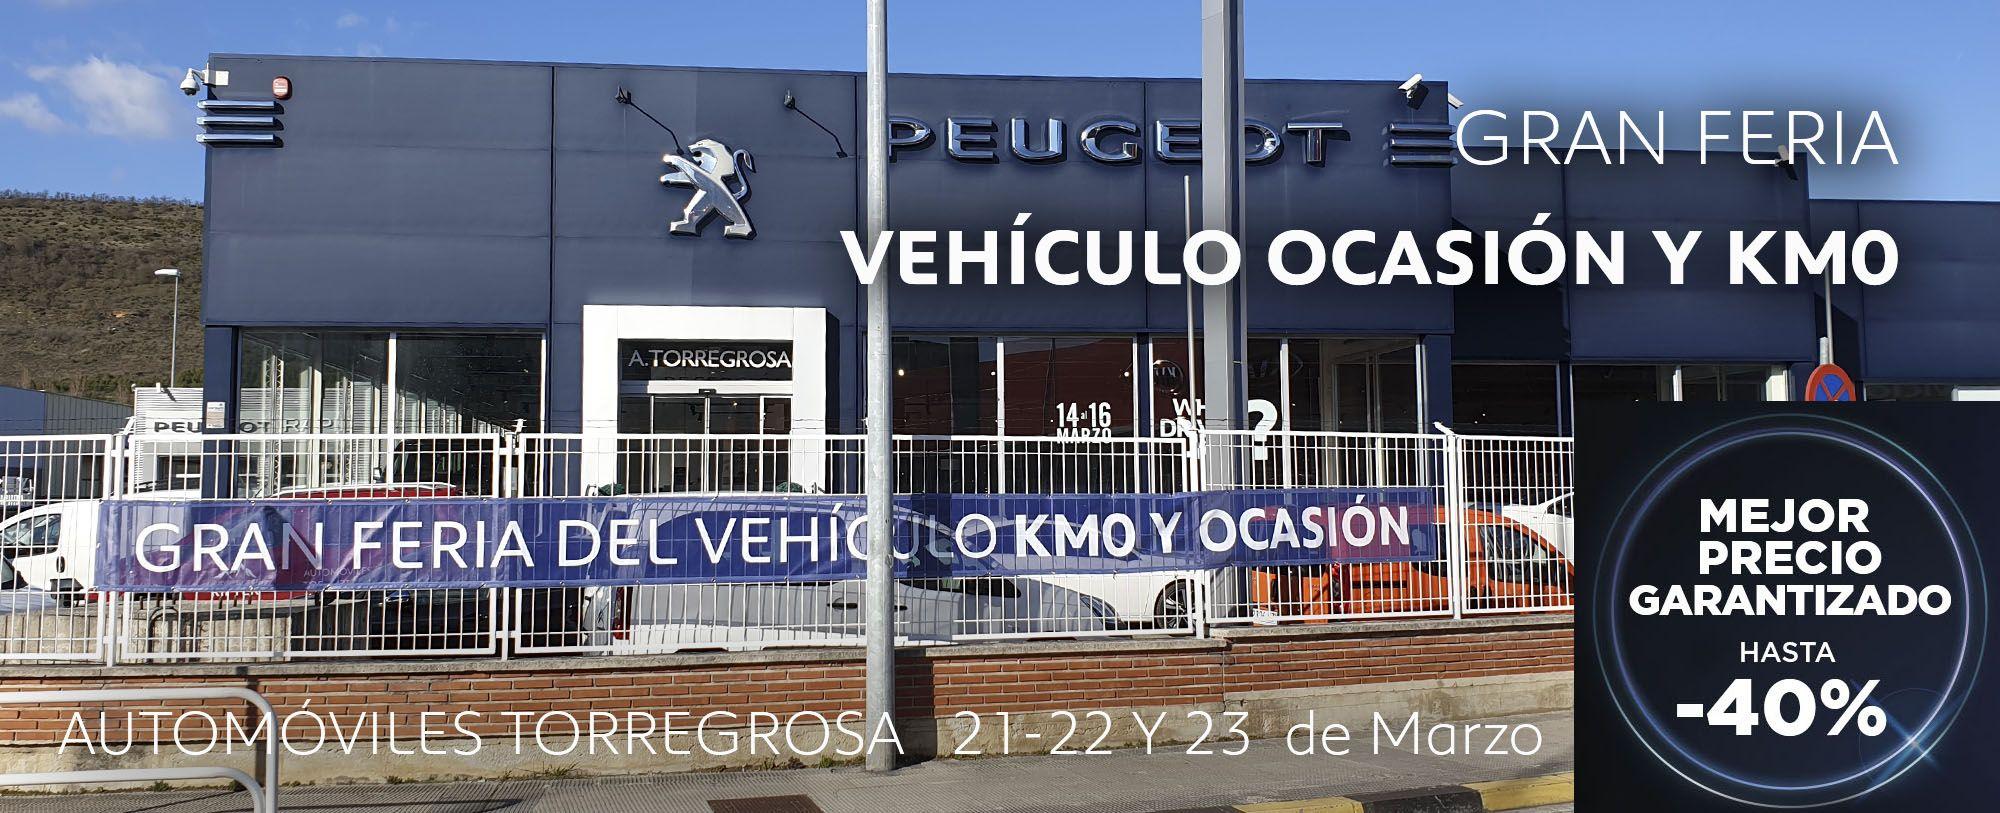 Gran feria del vehiculo de ocasion y Km0 Automóviles Torregrosa